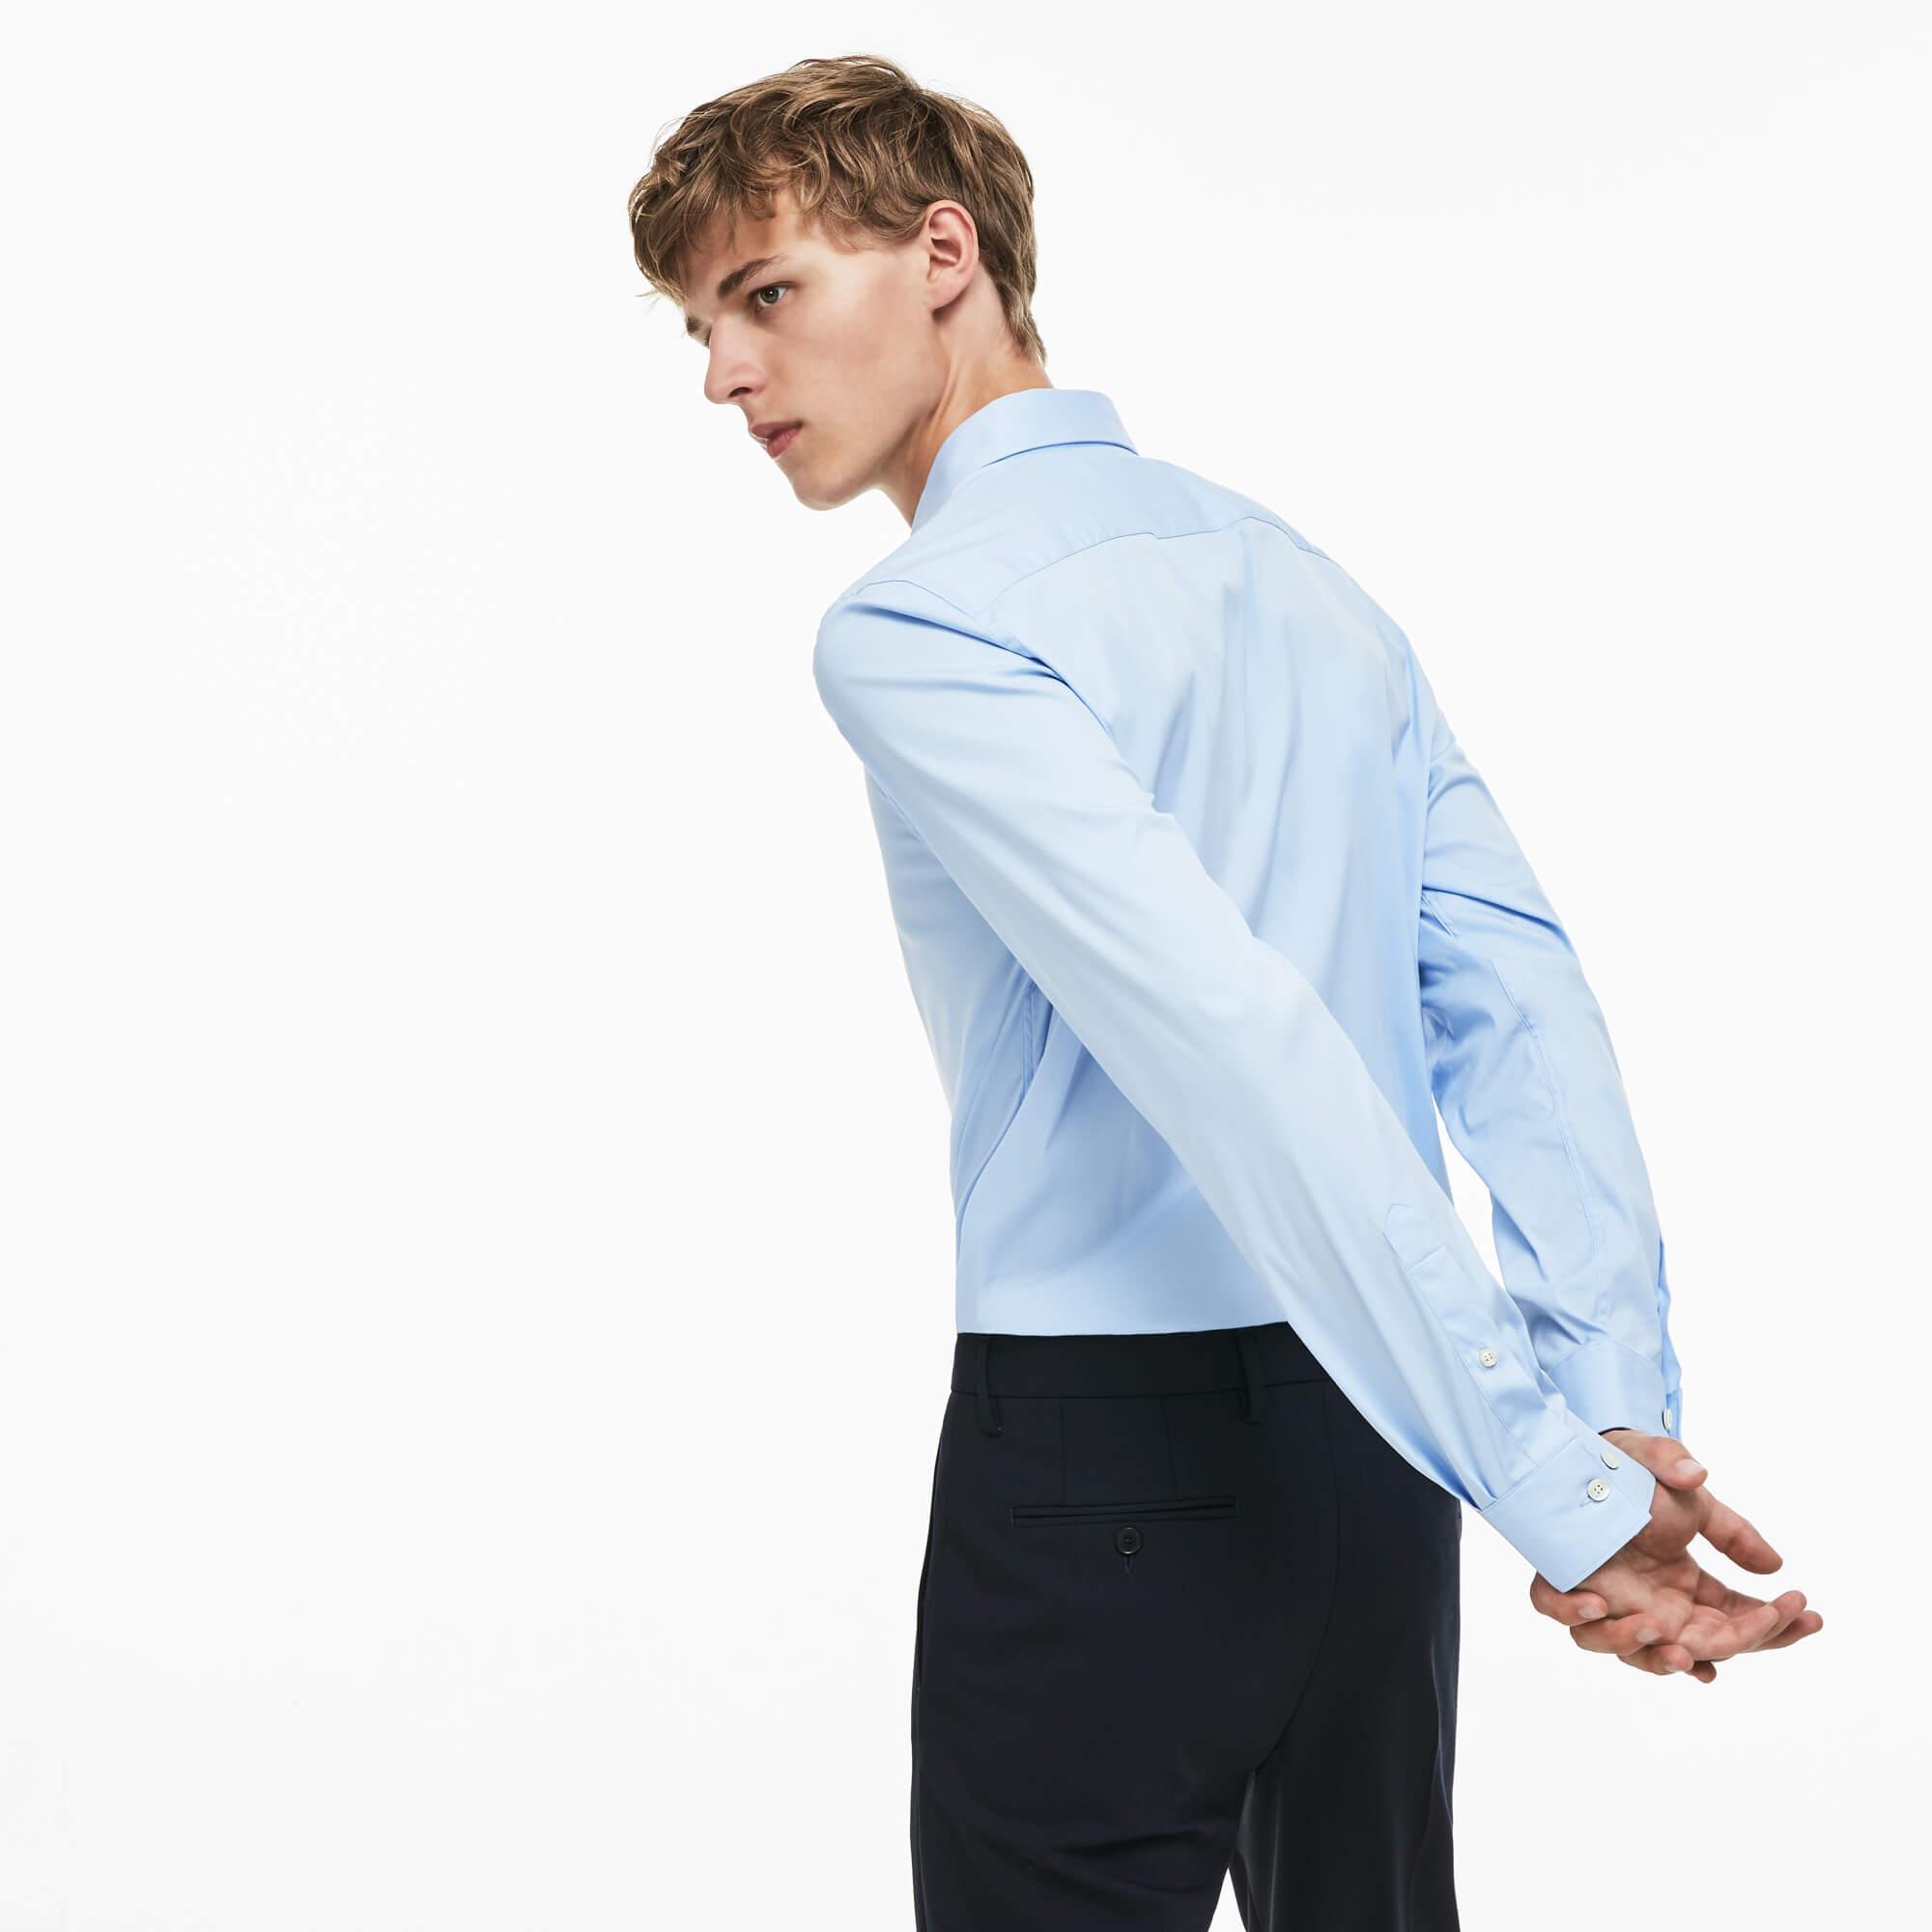 Lacoste Erkek Slim Fit Streç Poplin Pamuklu Uzun Kollu Mavi Gömlek